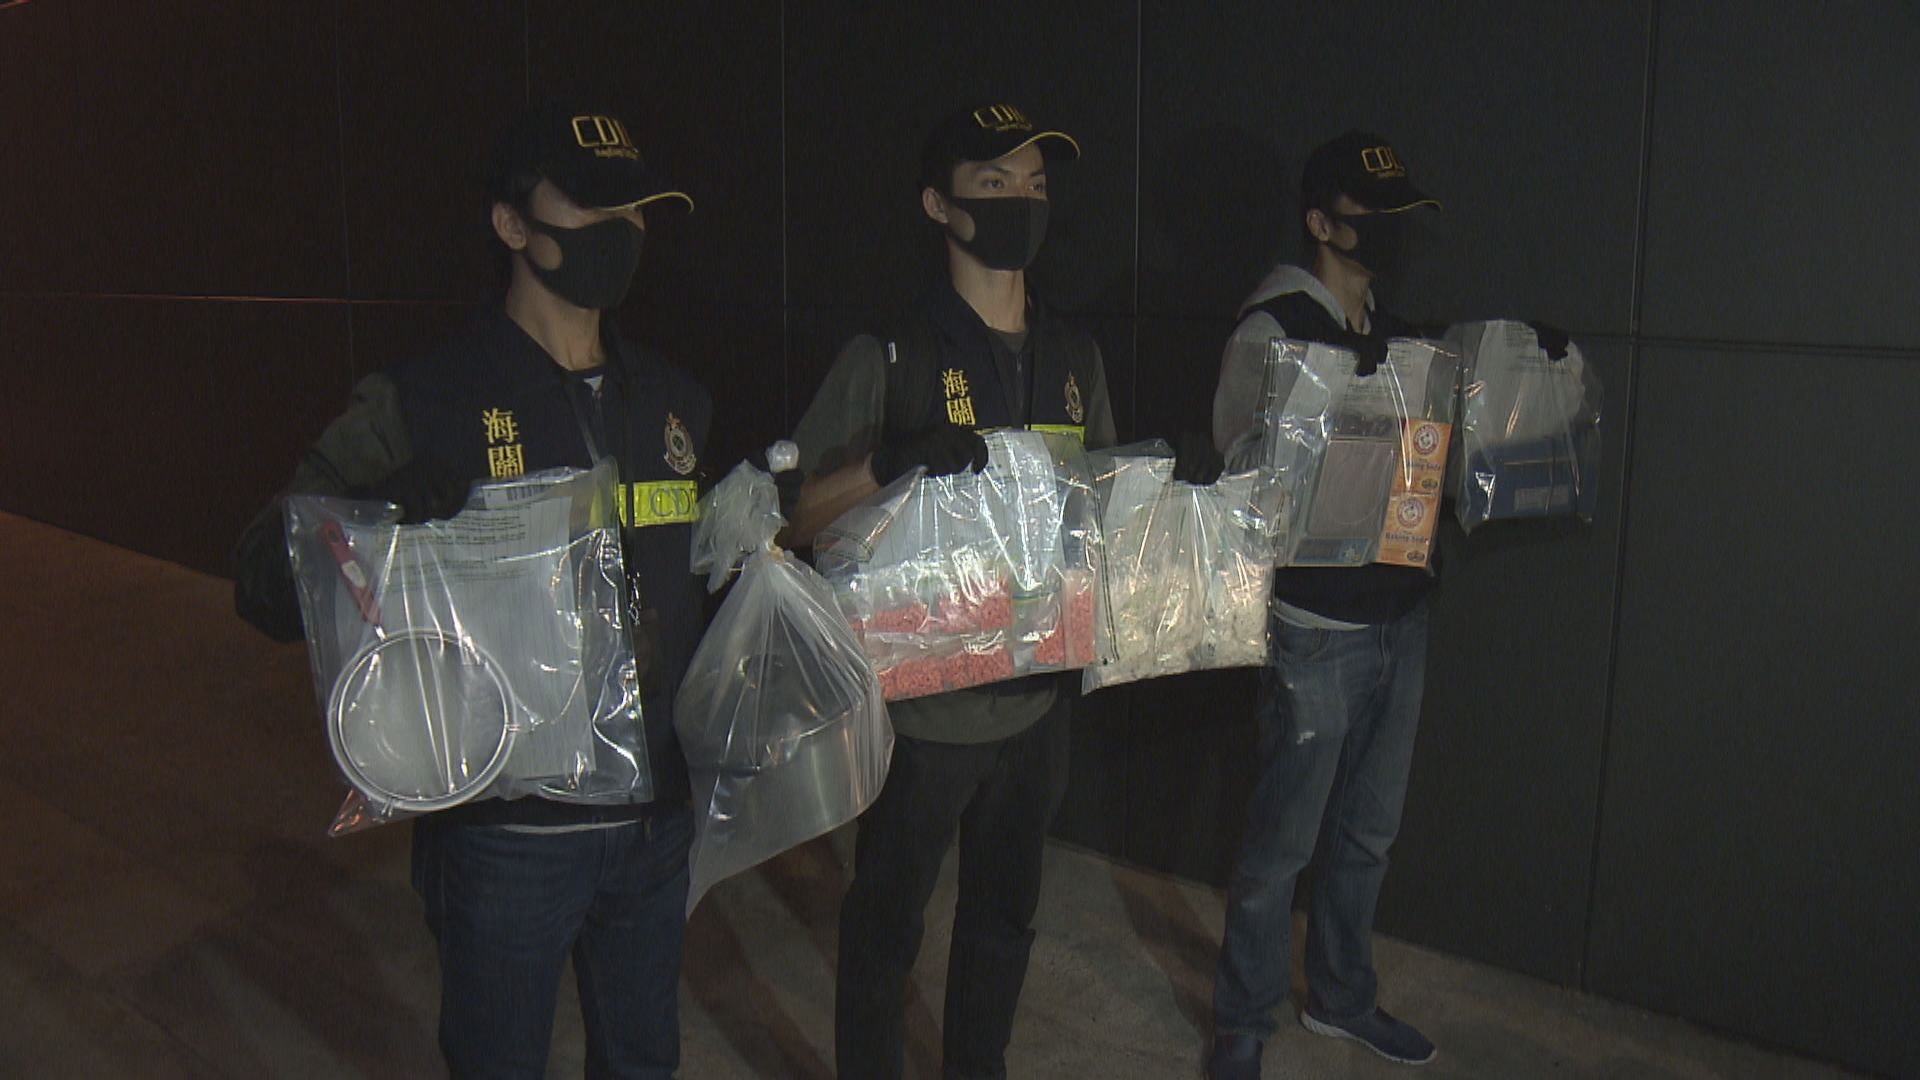 海關長沙灣拘捕一漢撿145萬元毒品